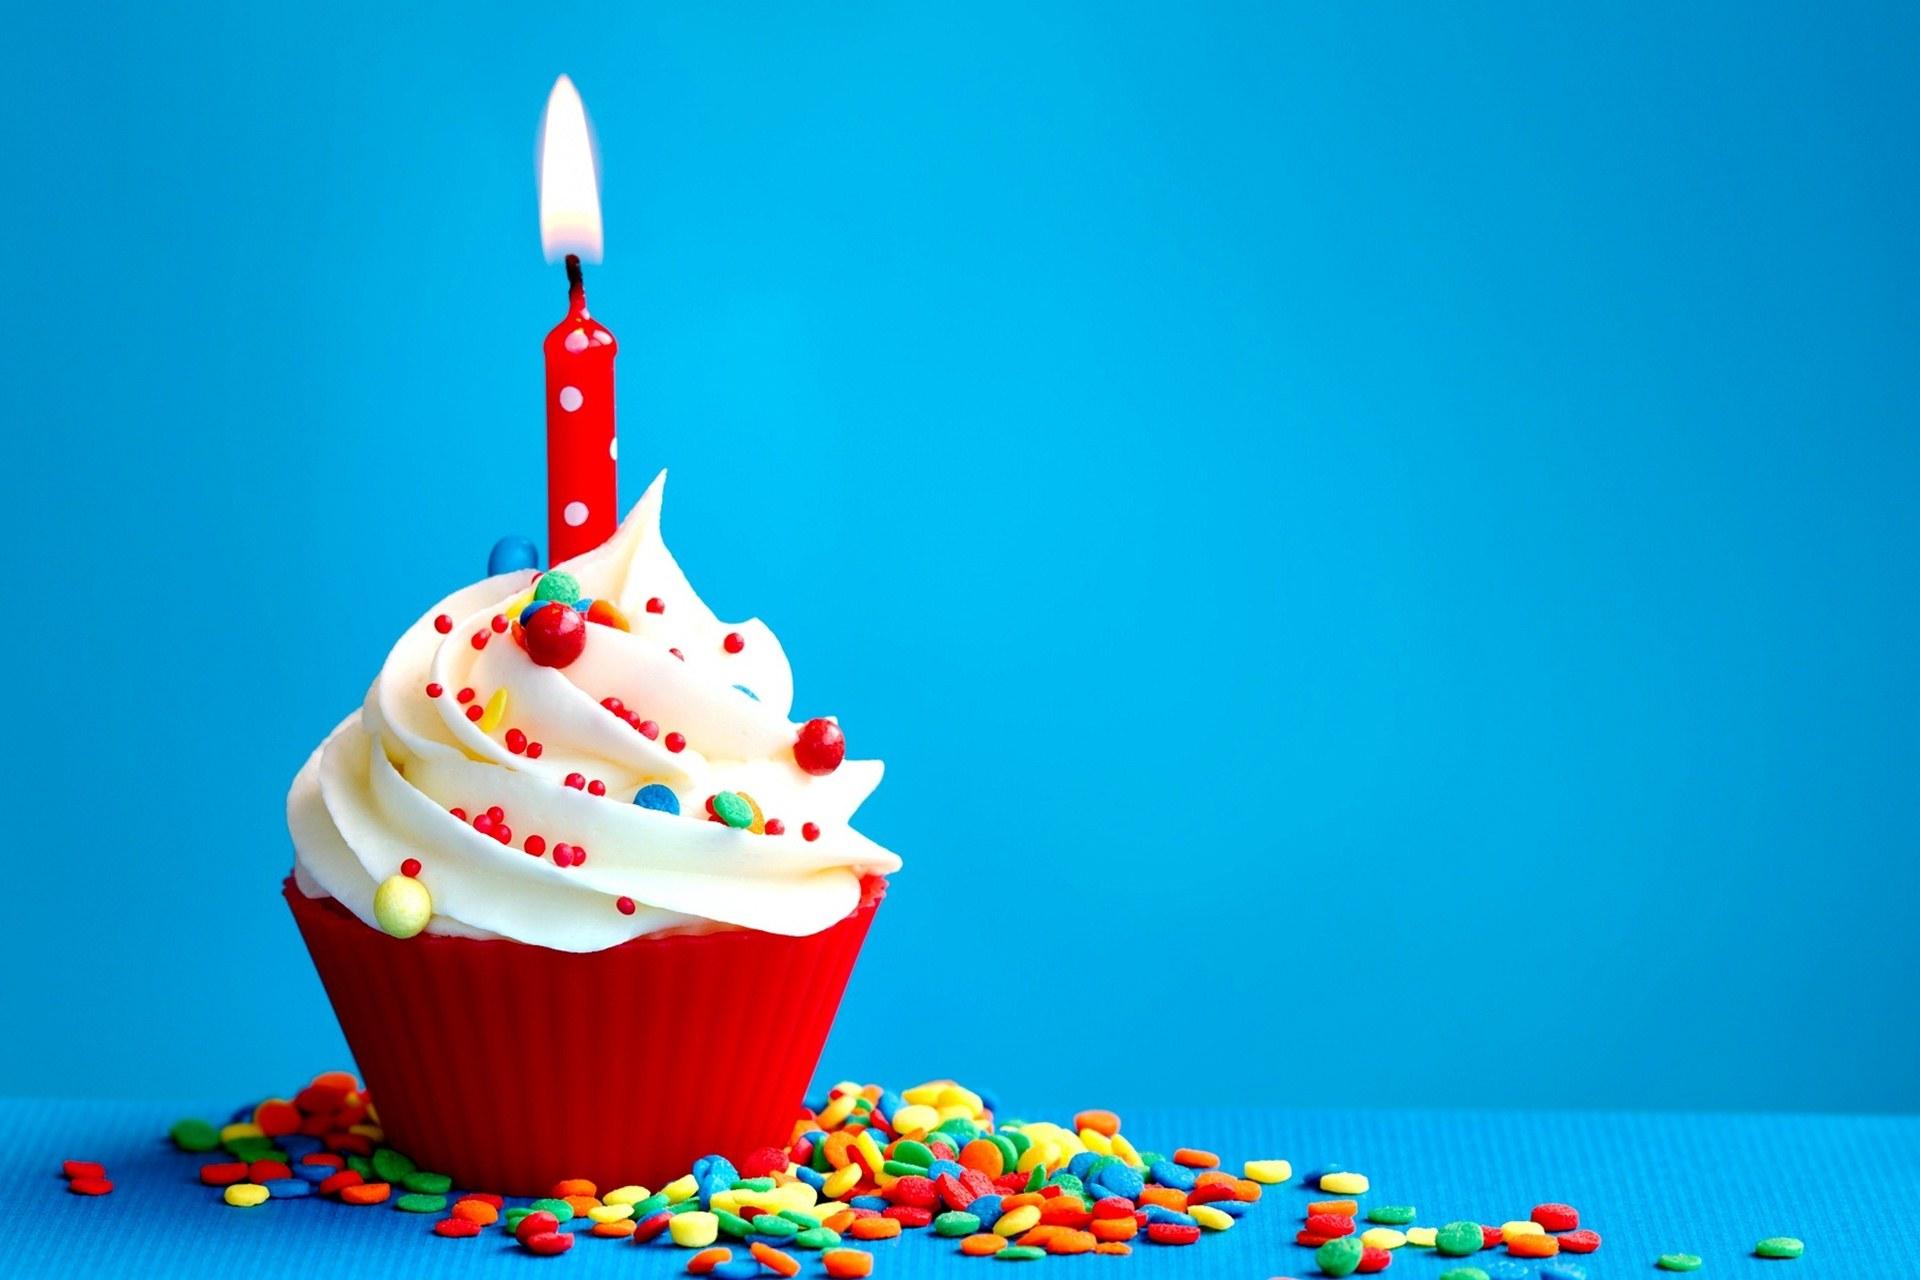 Résultat d'images pour happy birthday